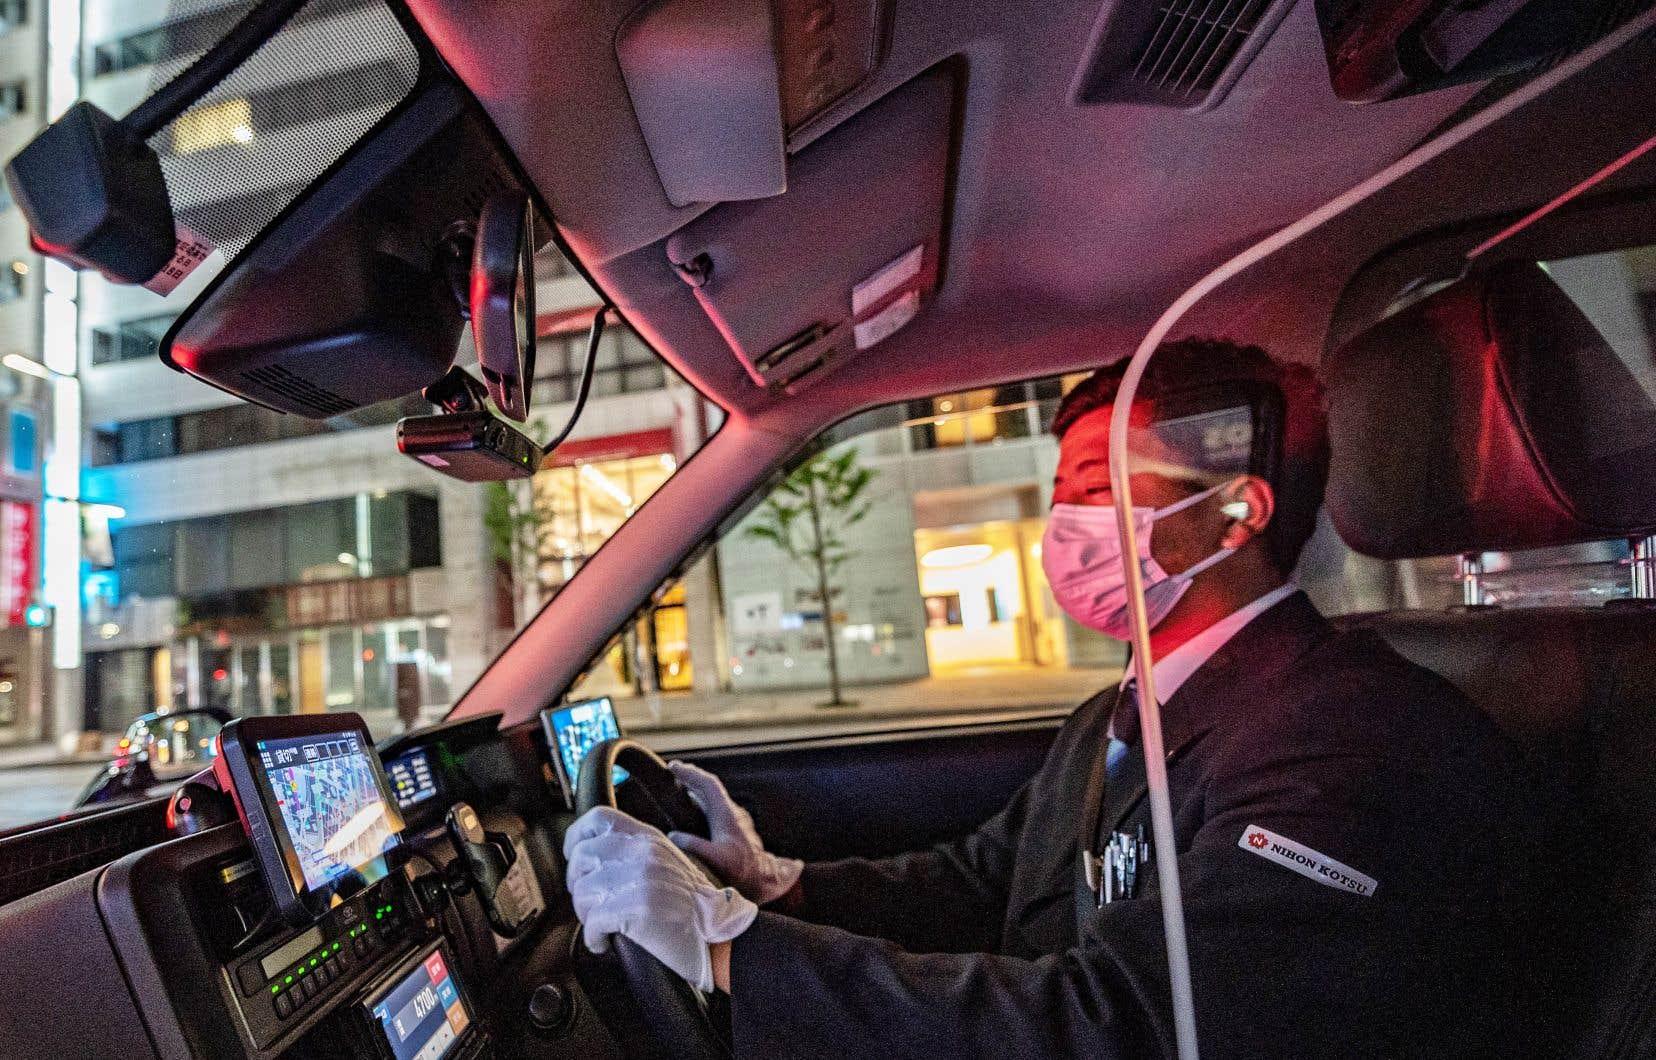 À Tokyo, le tenue des chauffeurs de taxi contraste par rapport à nos références occidentales: complet gris foncé, chemise blanche bien repassée et gants blancs, comme le majordome d'un manoir qui serait sur quatre roues.